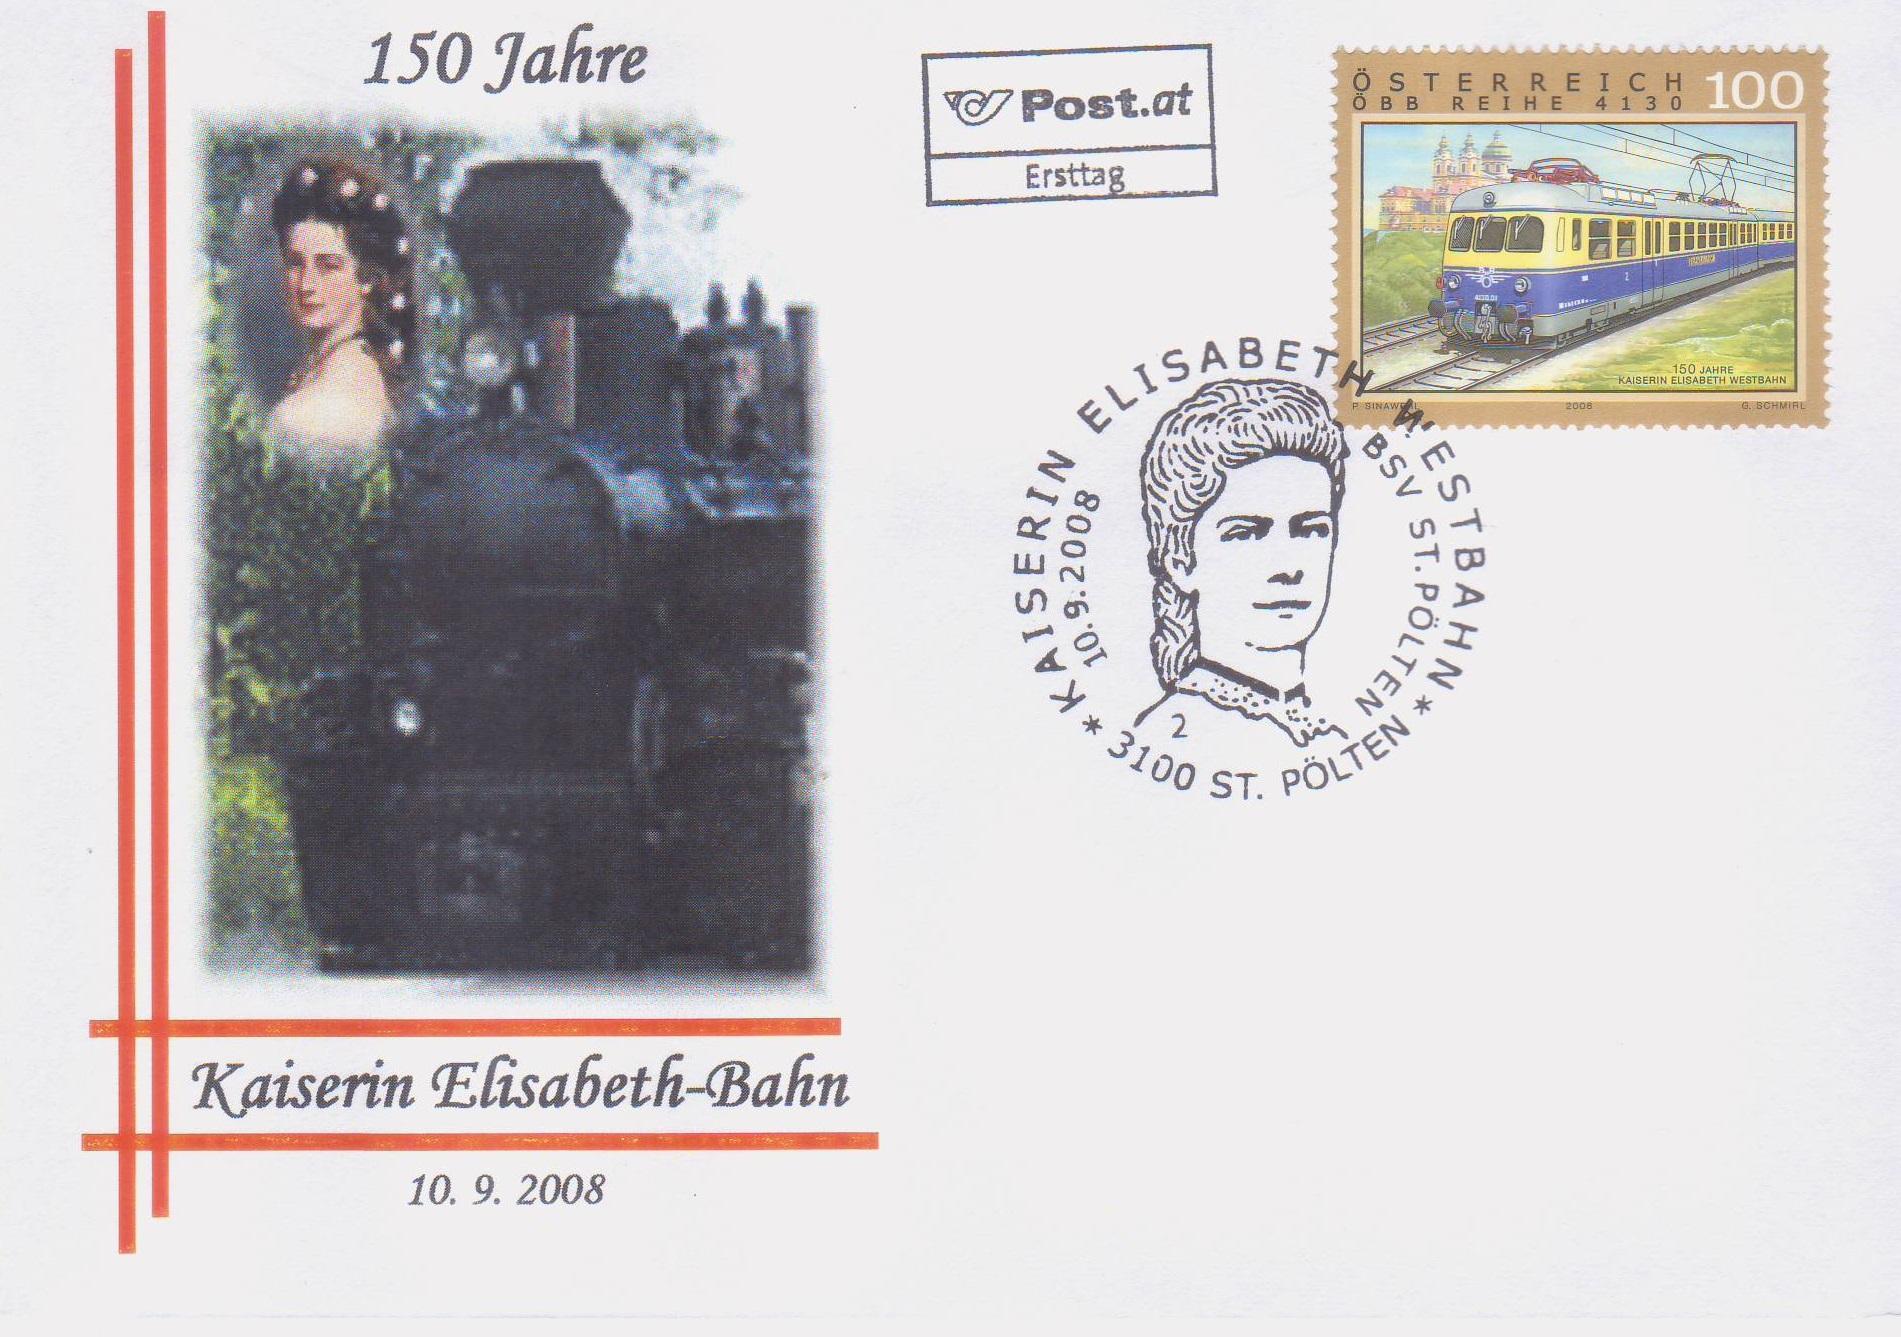 2008 2.-EUR 150 J.Ks.Elisabethbahn